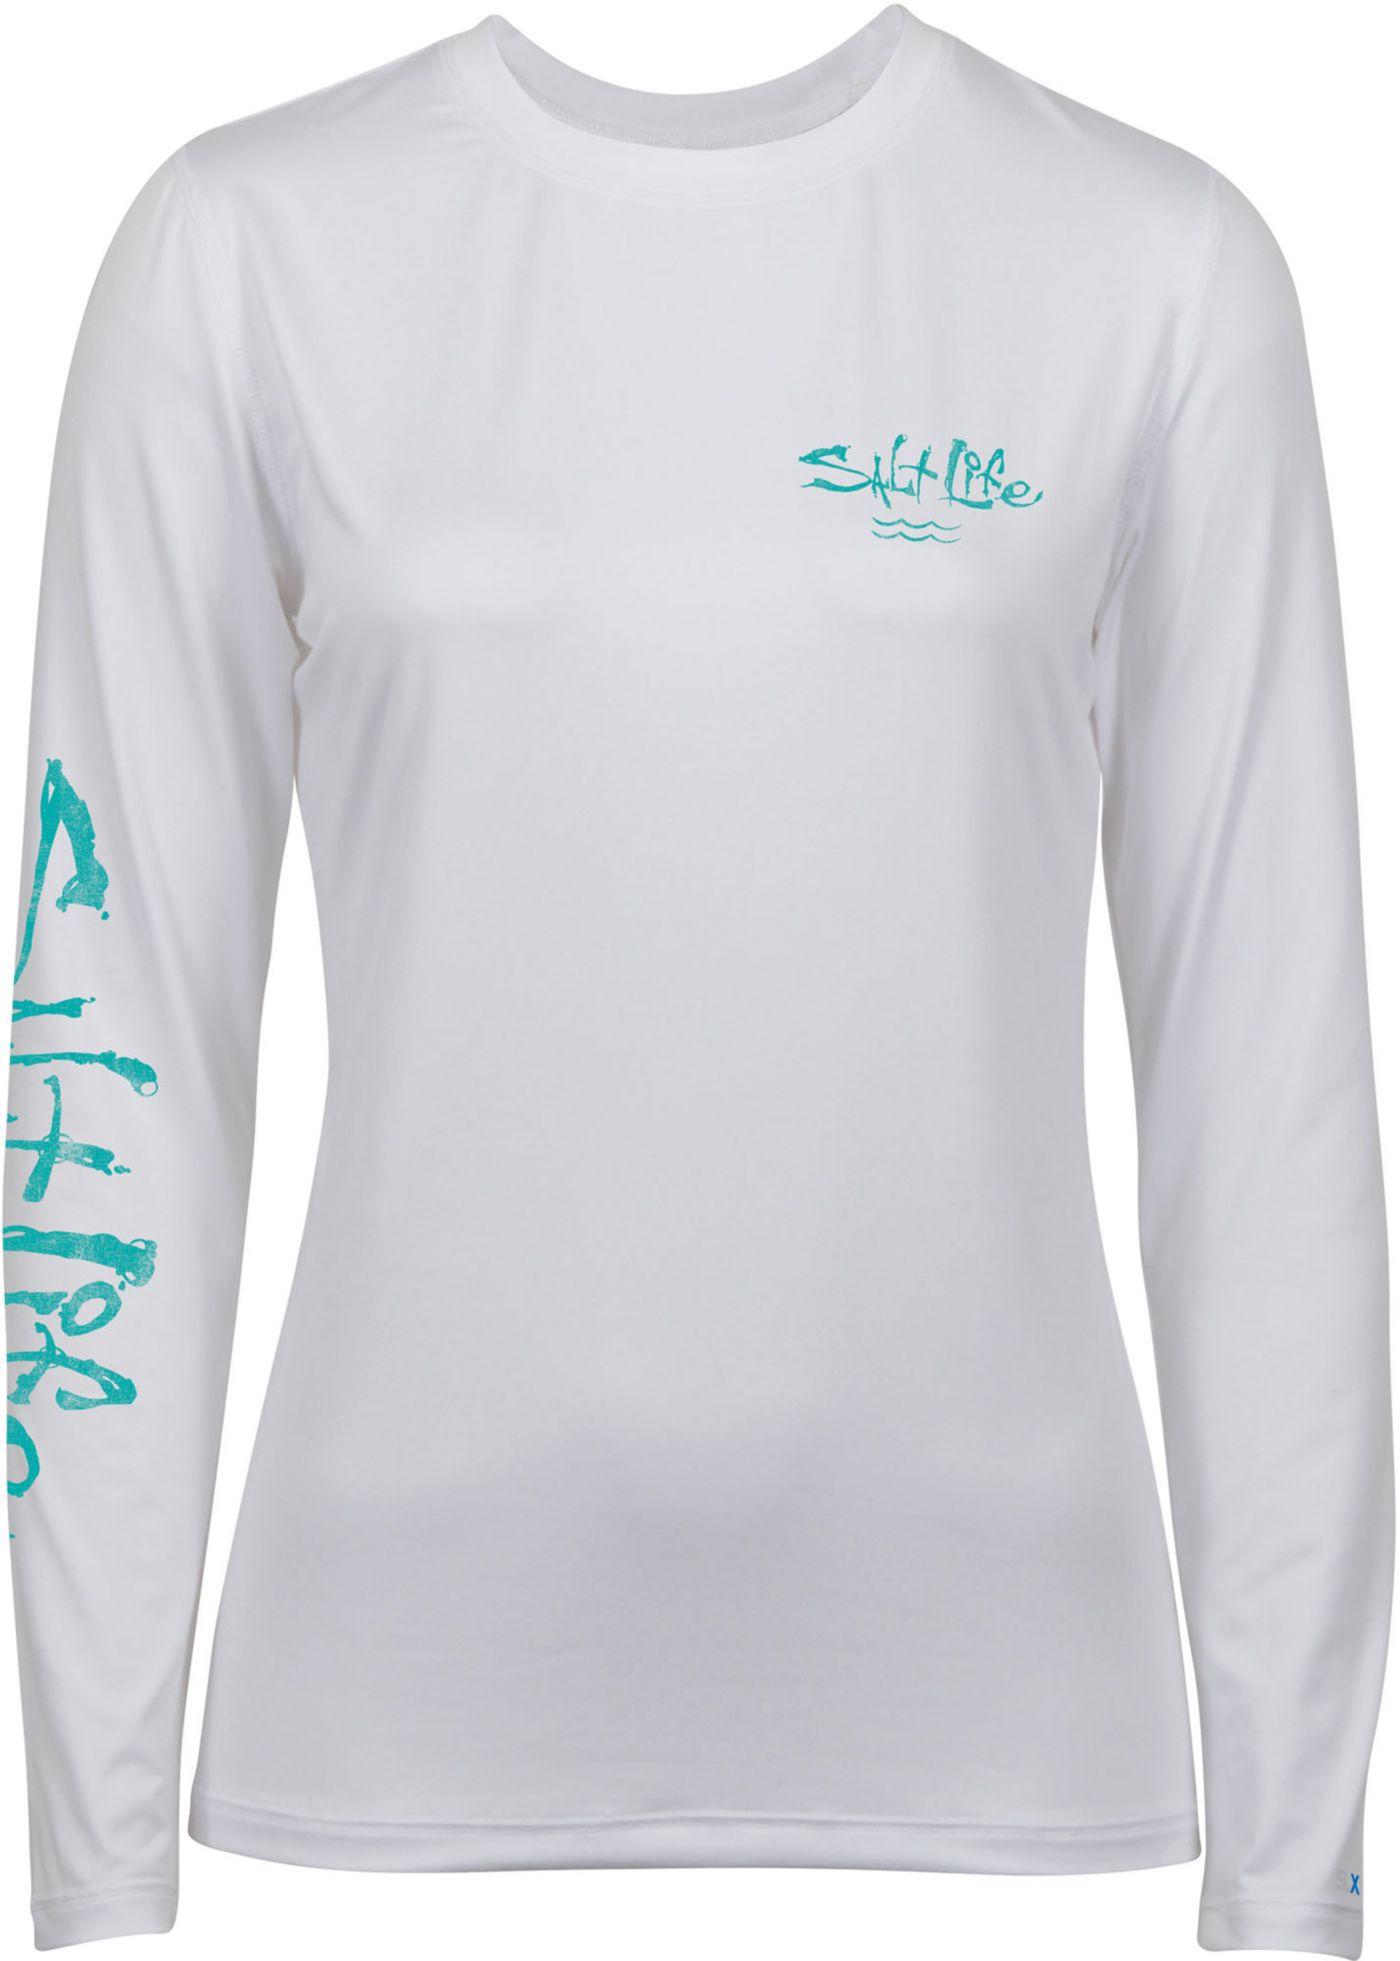 Salt Life Women's State of Mind Long Sleeve Shirt